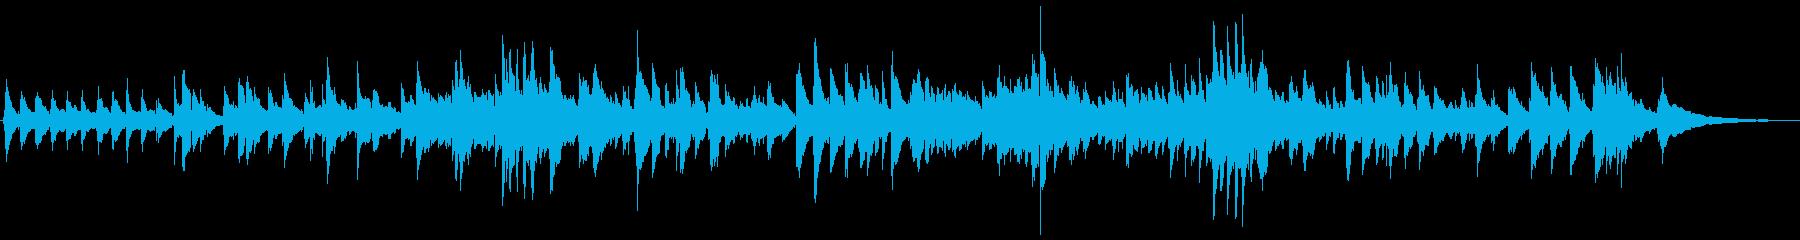 アメイジング・グレイスのギターデュオの再生済みの波形